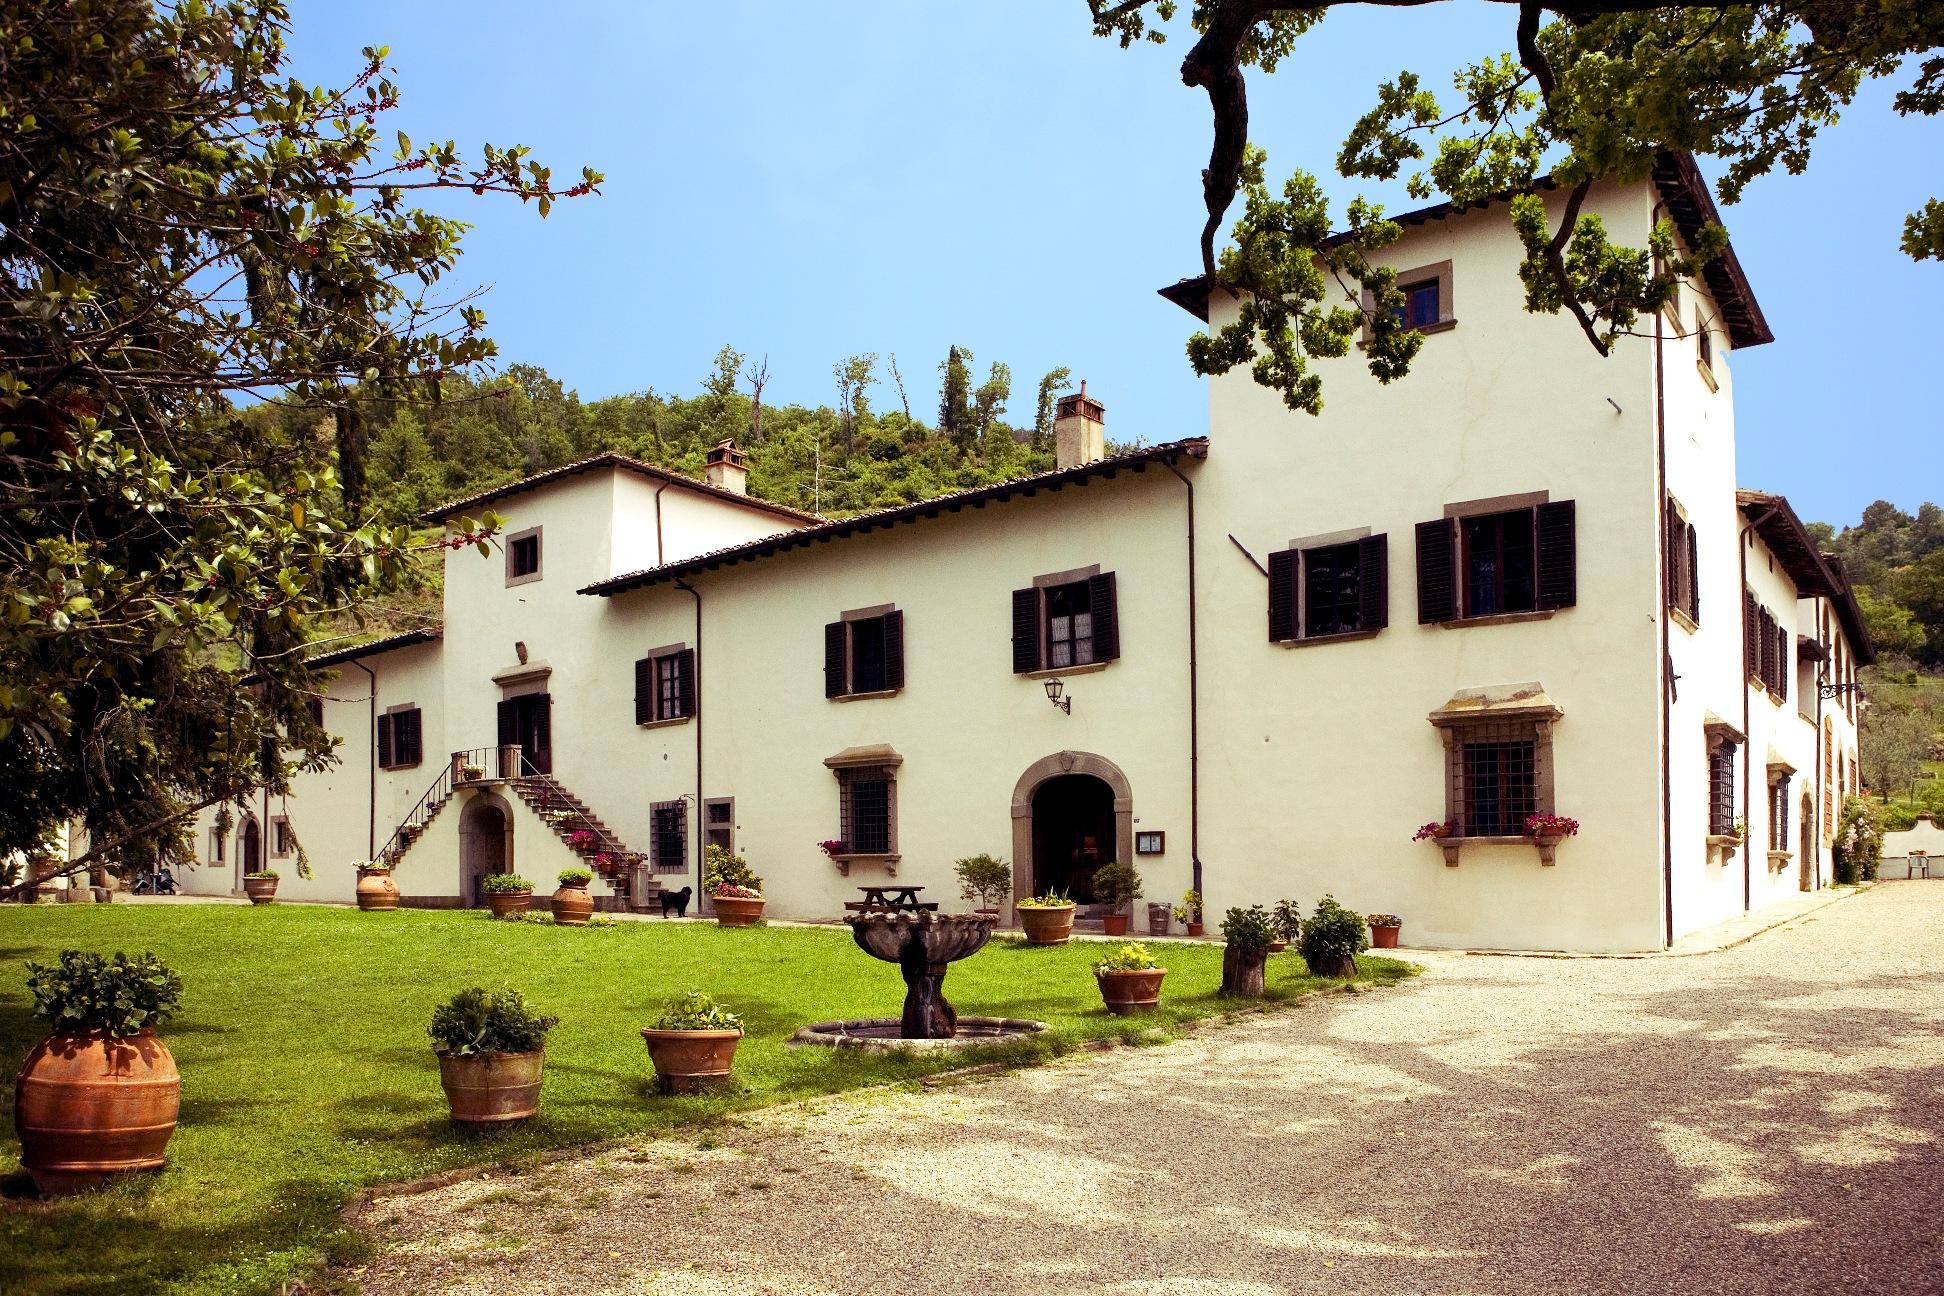 Villa Grassina: Villa caratteristica del Barocco Toscano lungo le strade del Chianti Rufina.